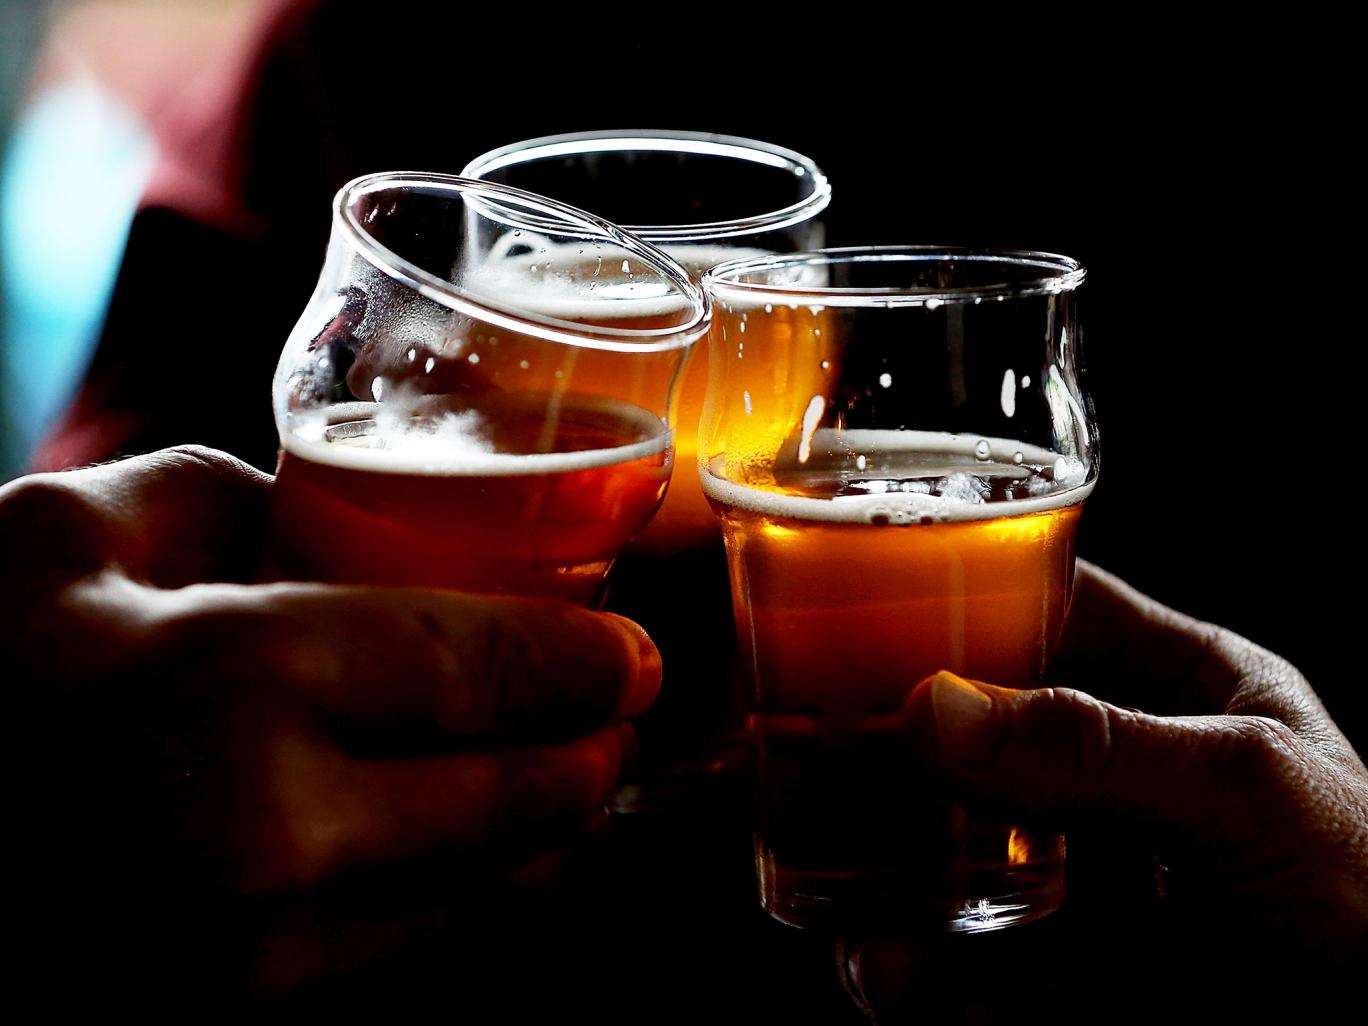 Cancro, il luppolo della birra per combattere la malattia